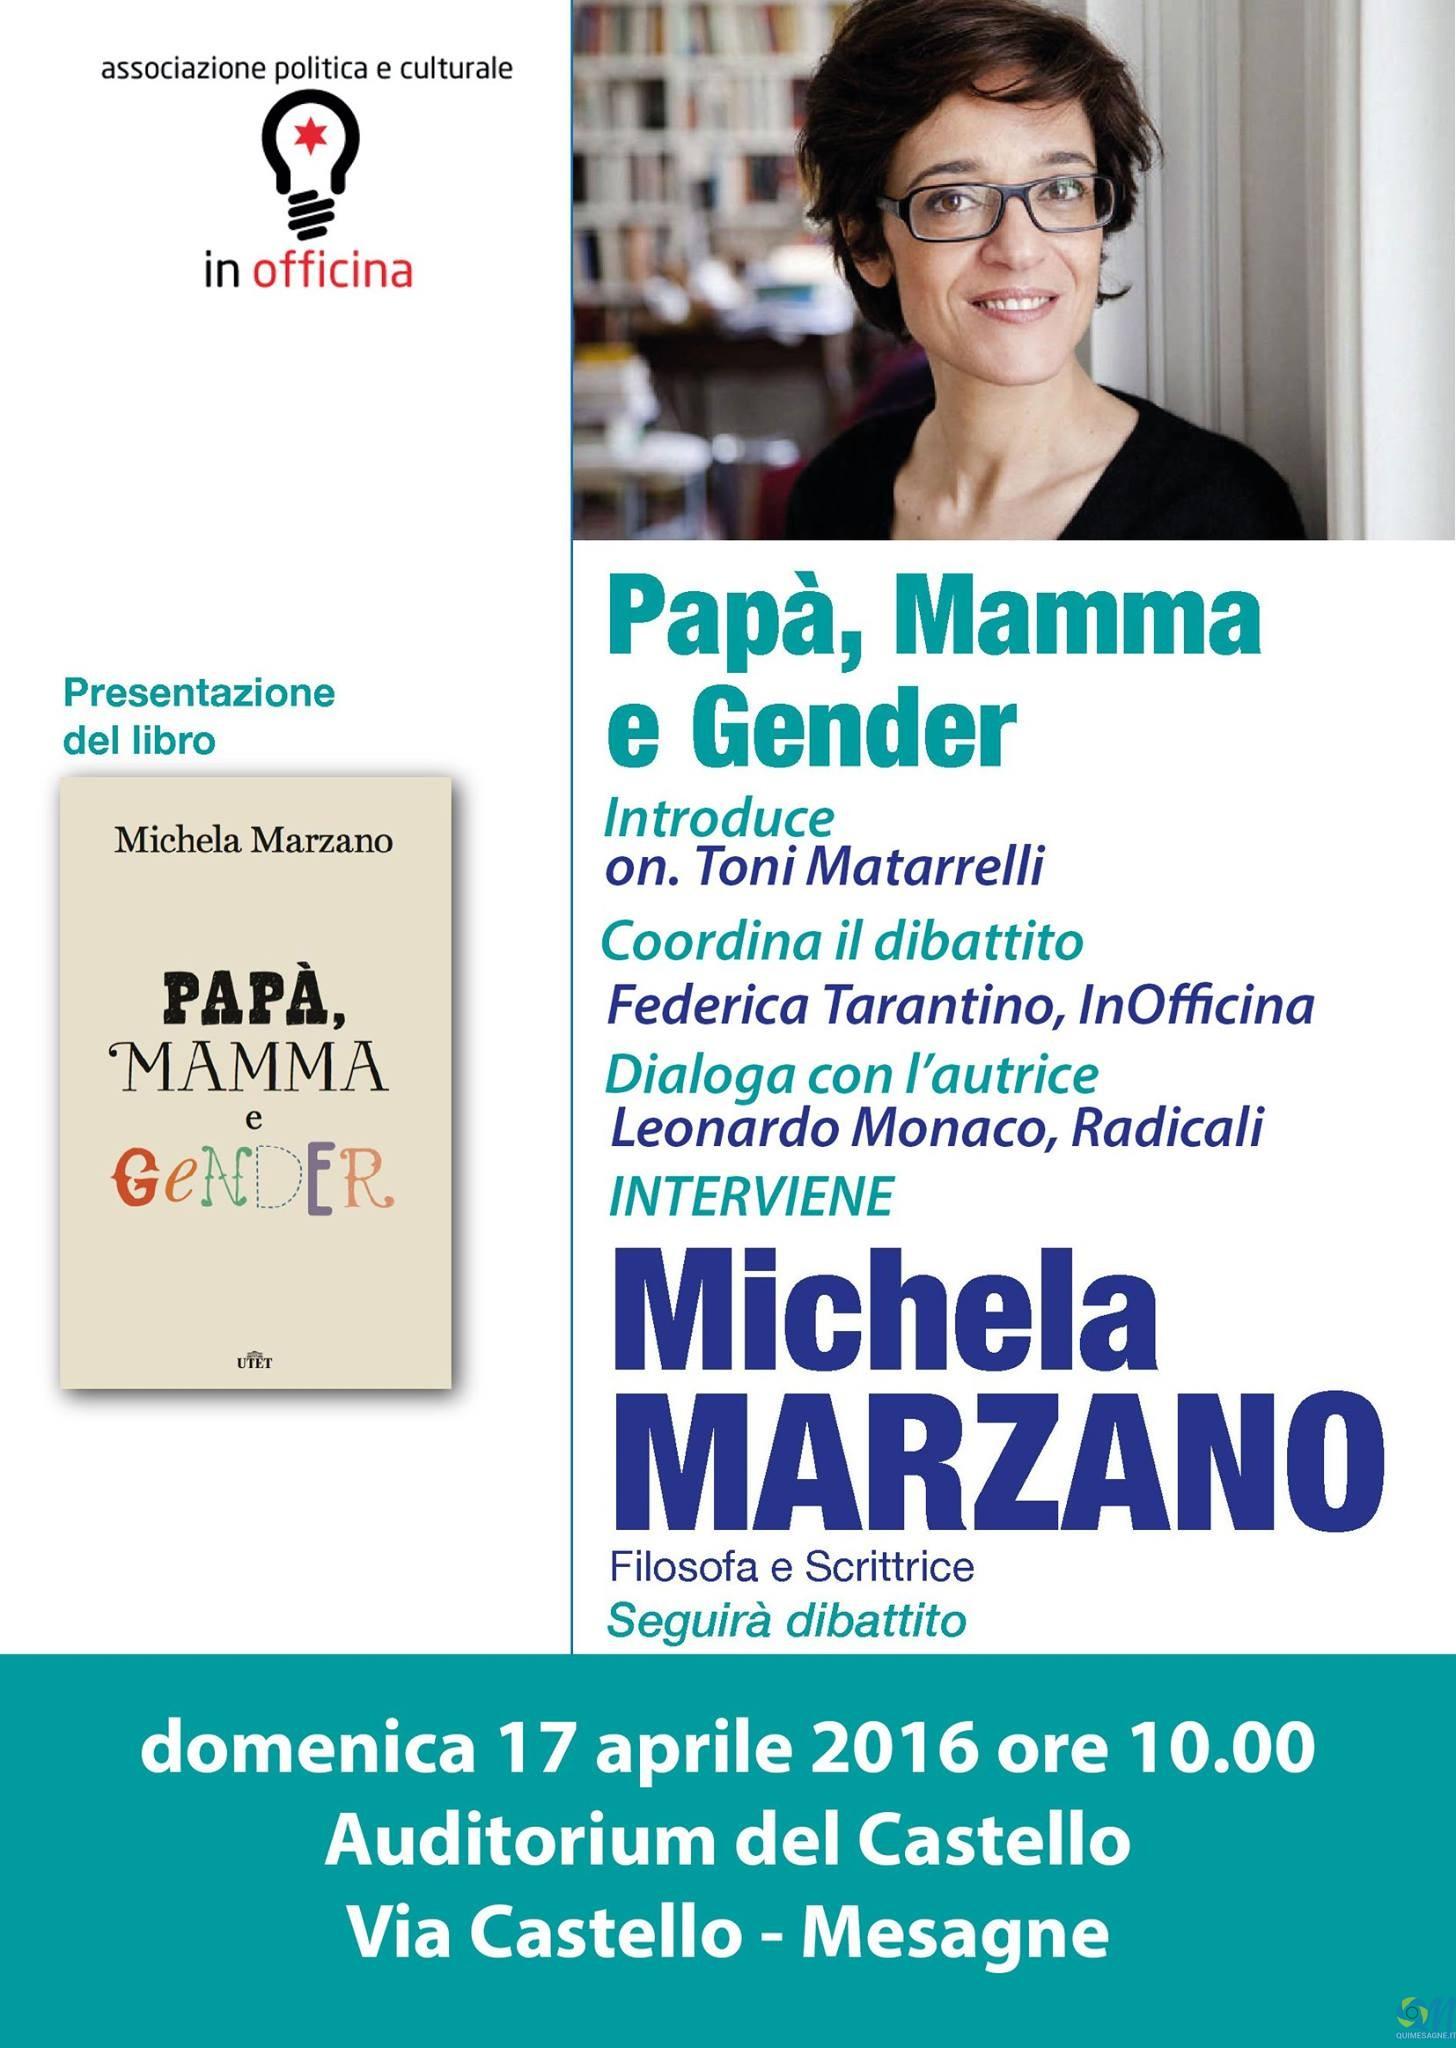 """InOfficina ospita Michela Marzano con il suo libro """"Papà, mamma e gender"""""""